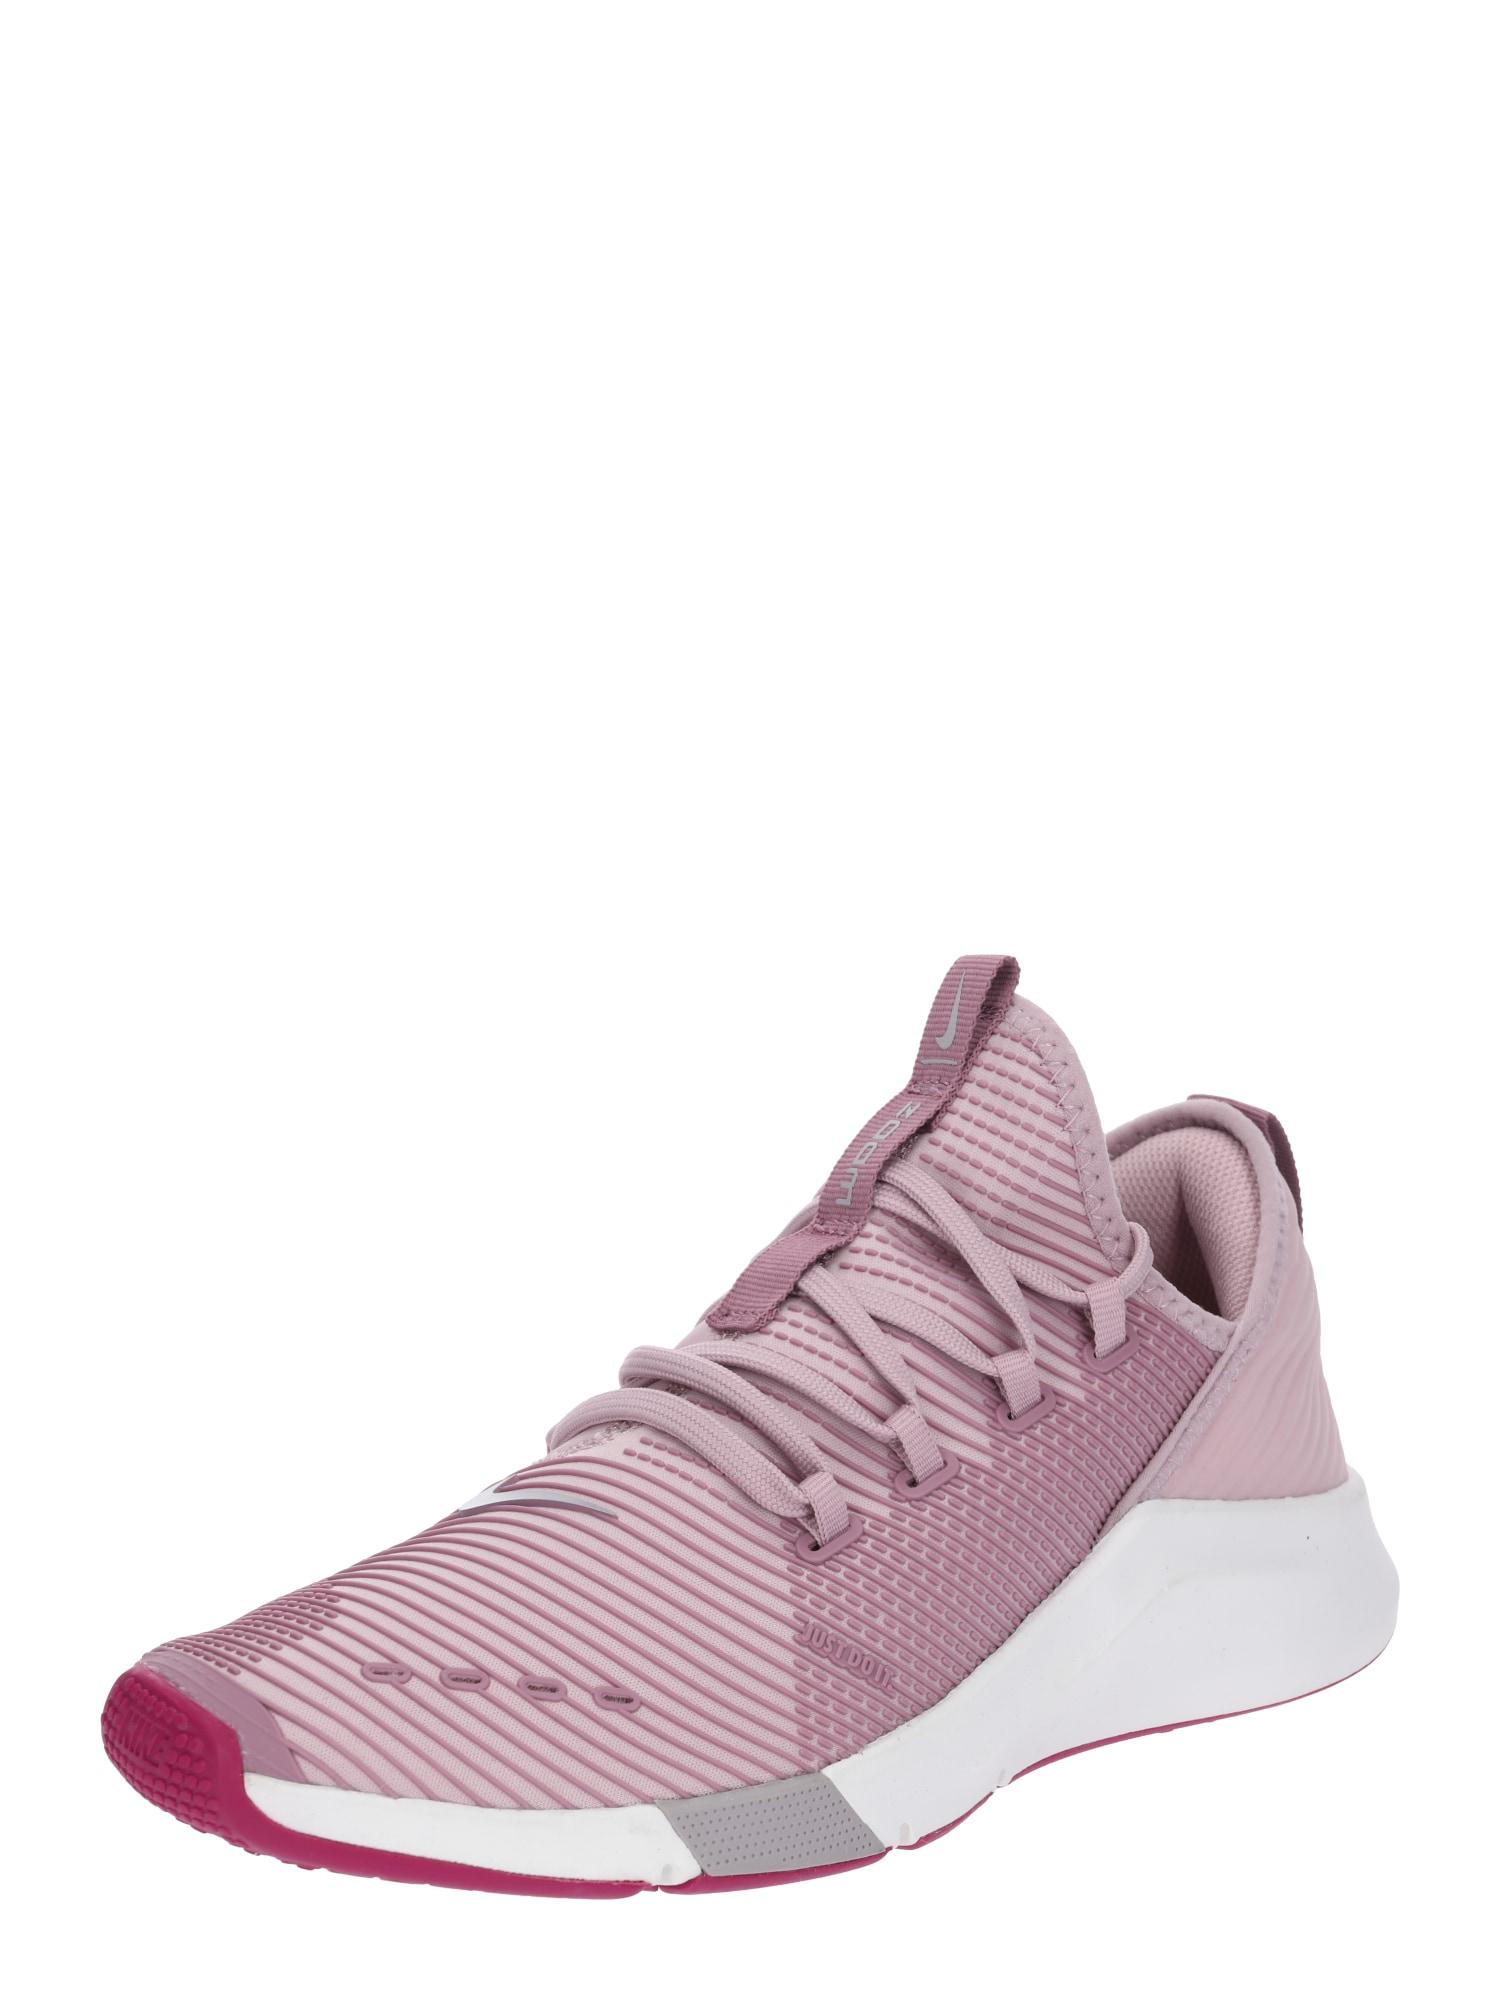 Sportovní boty Zoom Elevate růžová NIKE